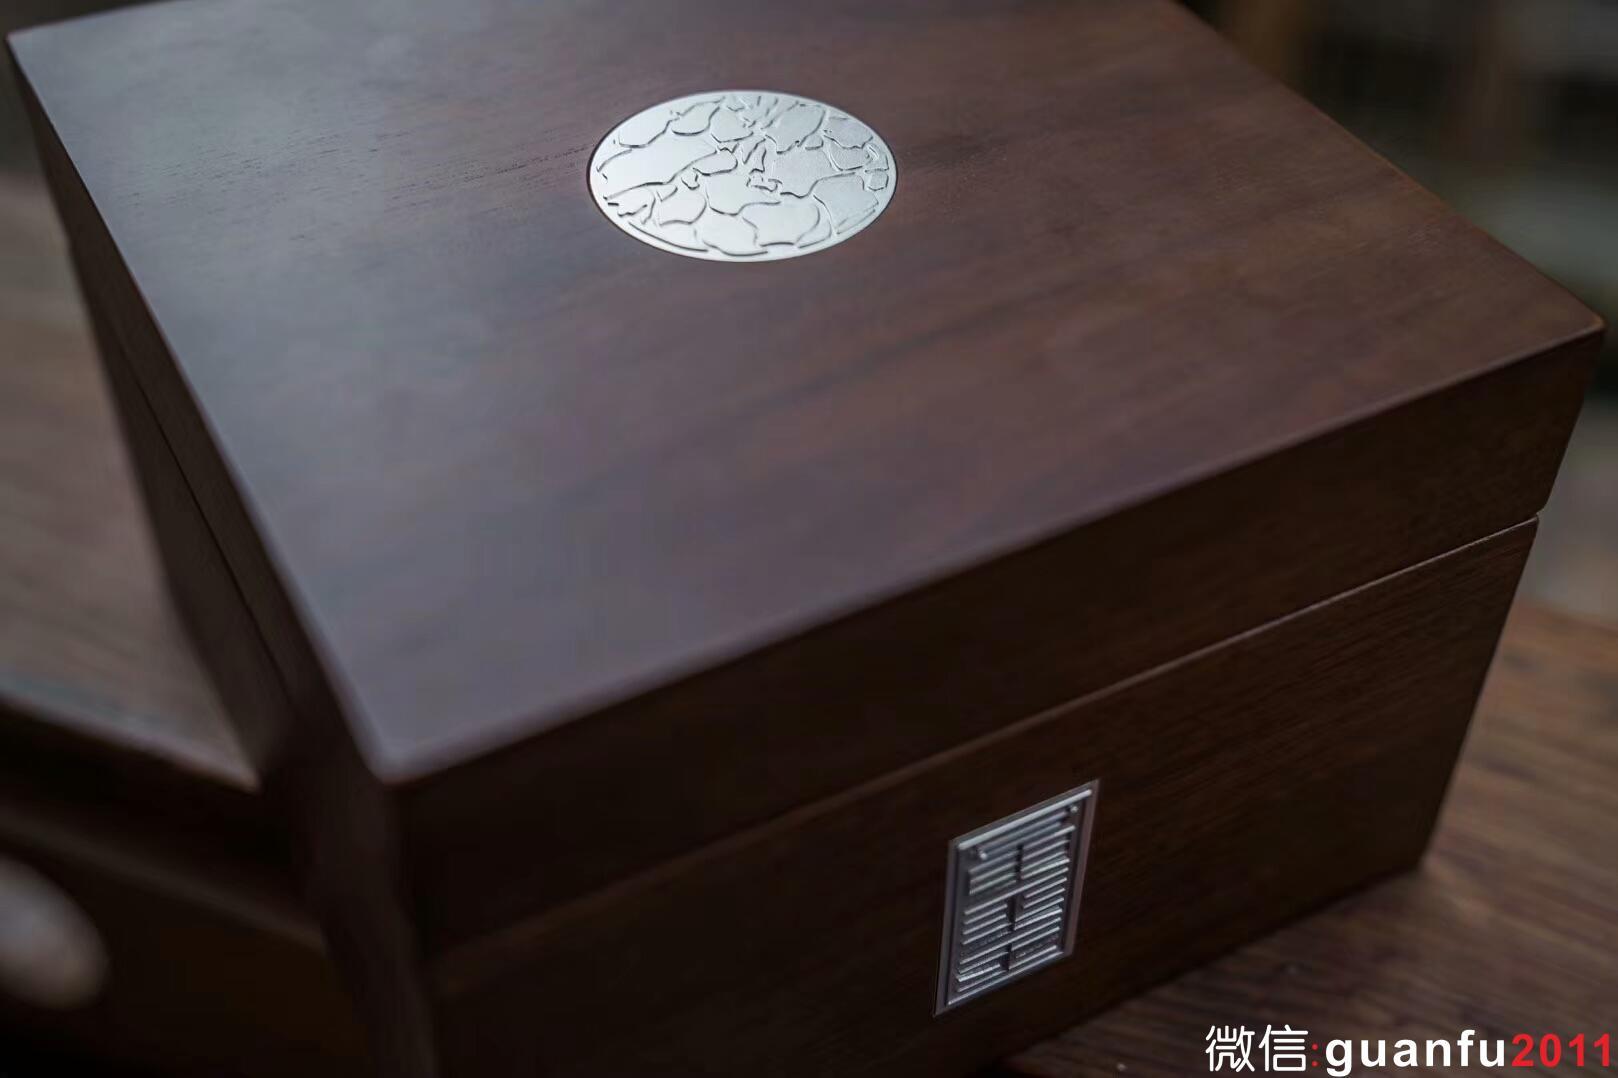 金油滴开宗大师——黄美金 ——18周年纪念款【天外飞仙】